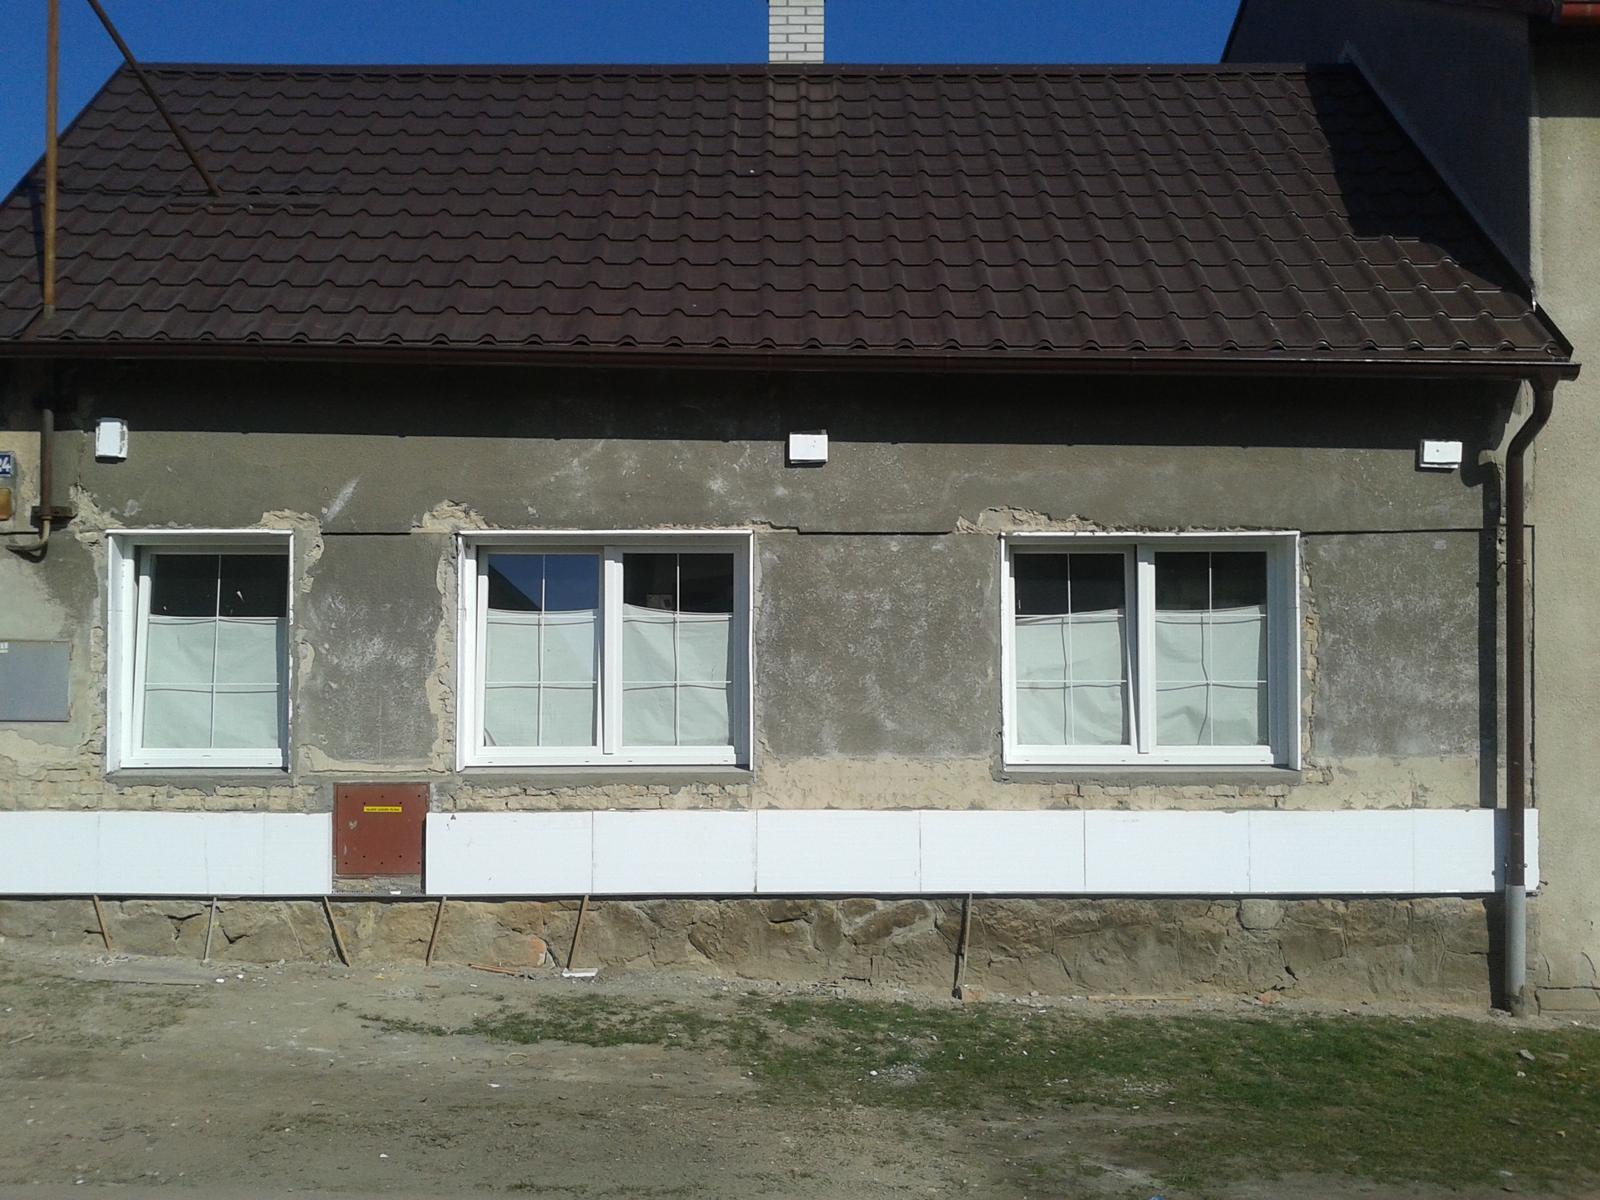 Domeček rekonstruujeme pro rodiče - 12.3. začínáme zateplovat